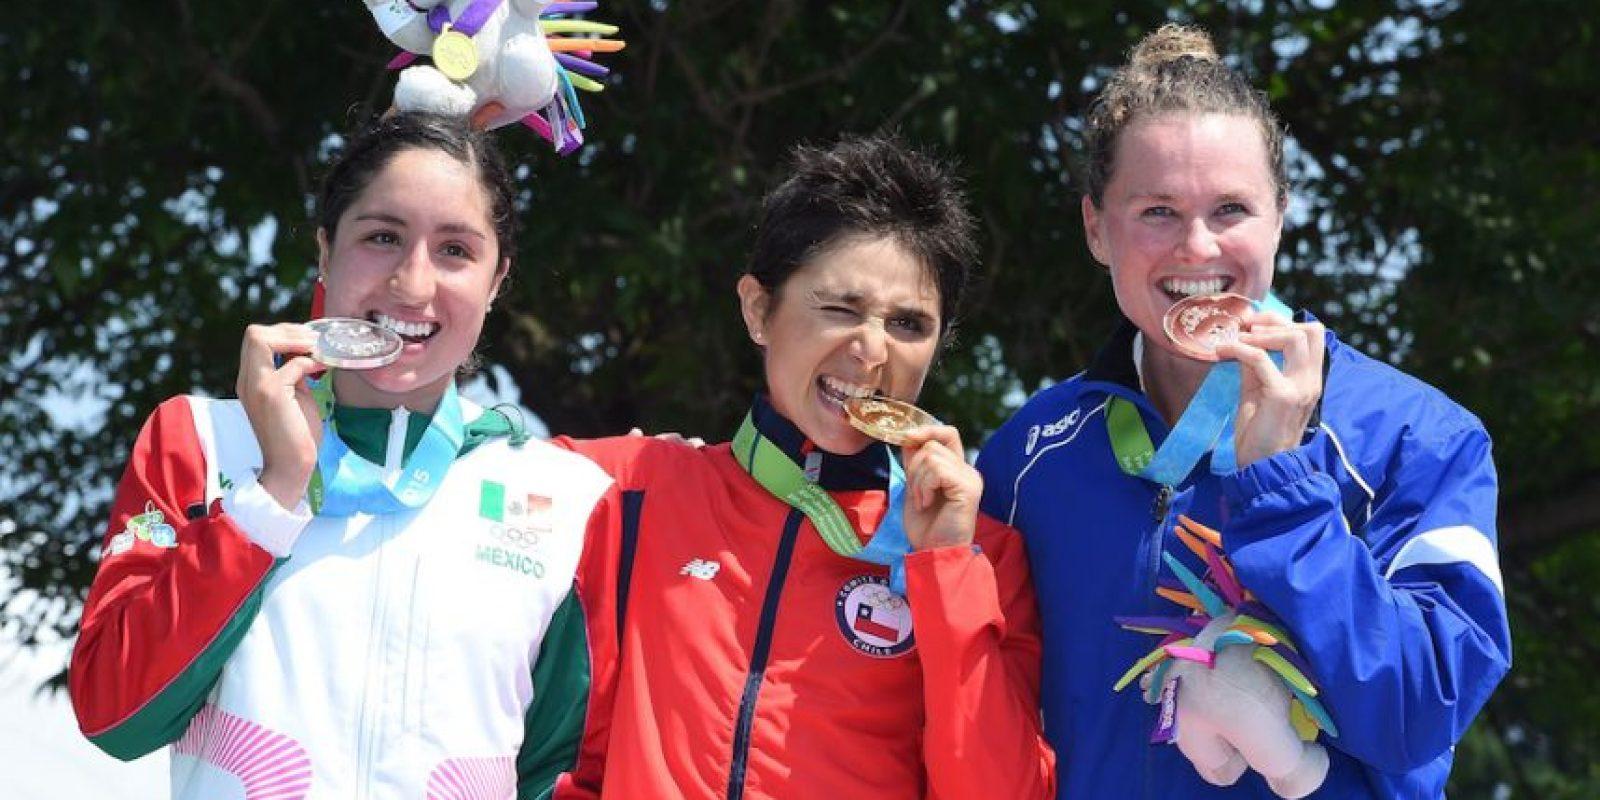 Paola Díaz de México fue plata (izquierda), Bárbara Riveros ganó oro (centro) y Flora Duffy de Bermudas obtuvo bronce (derecha). Foto:Getty Images